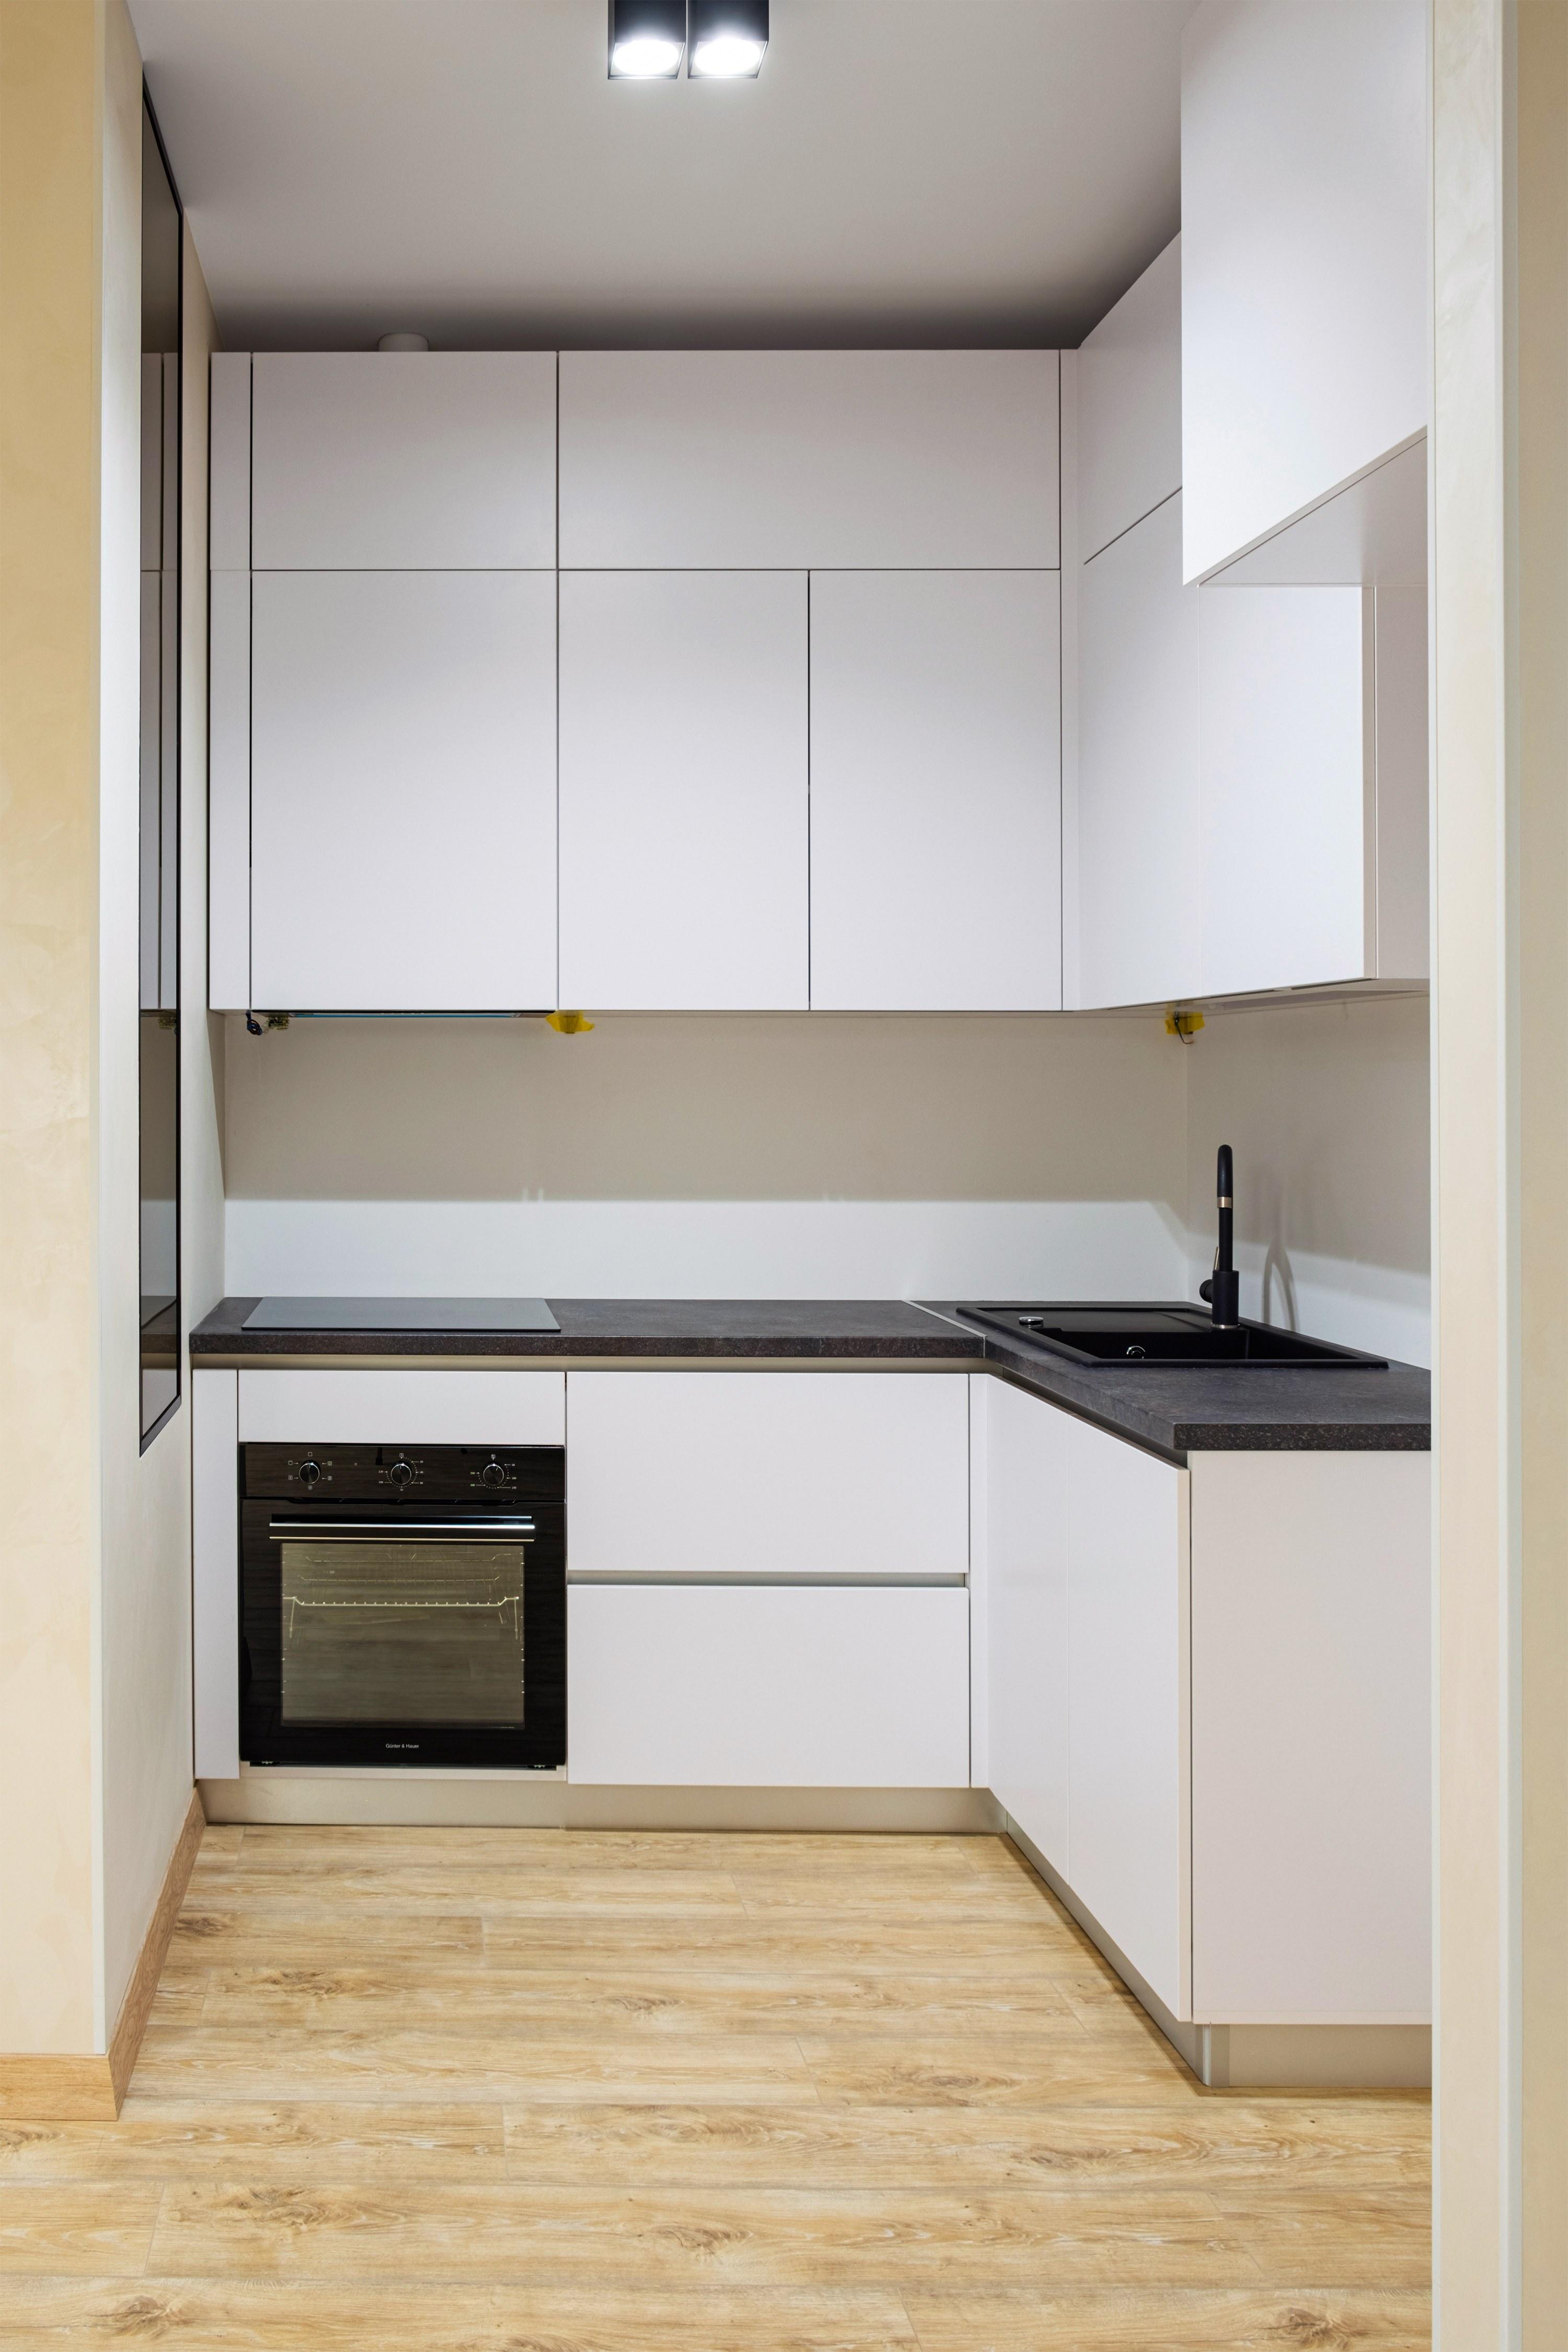 Кухня после ремонта квартиры в ЖК «Французский бульвар» Одесса